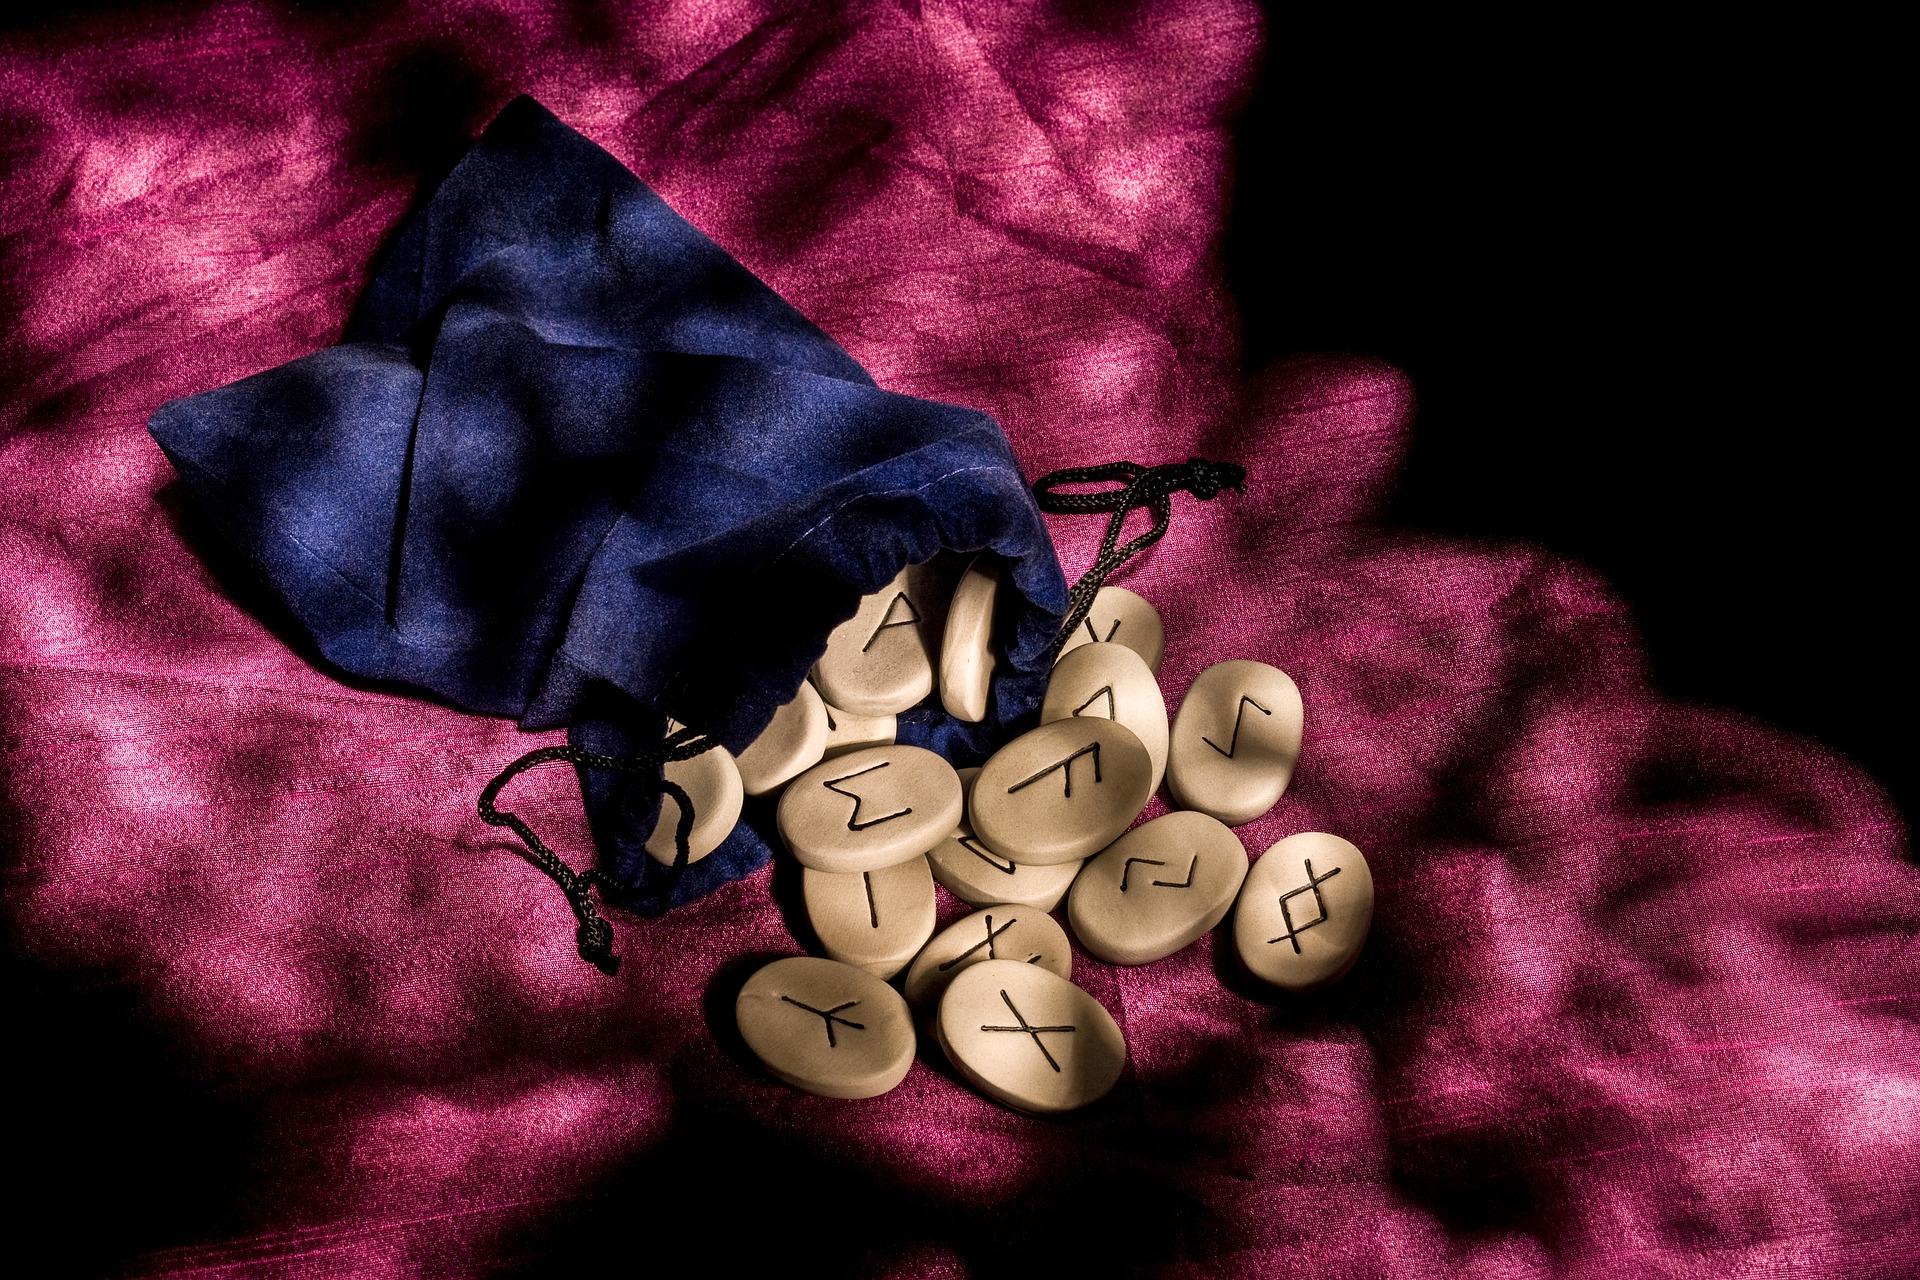 HOROSCOP rune pentru 16 august 2019 - Zodiile primesc mesaje supranaturale